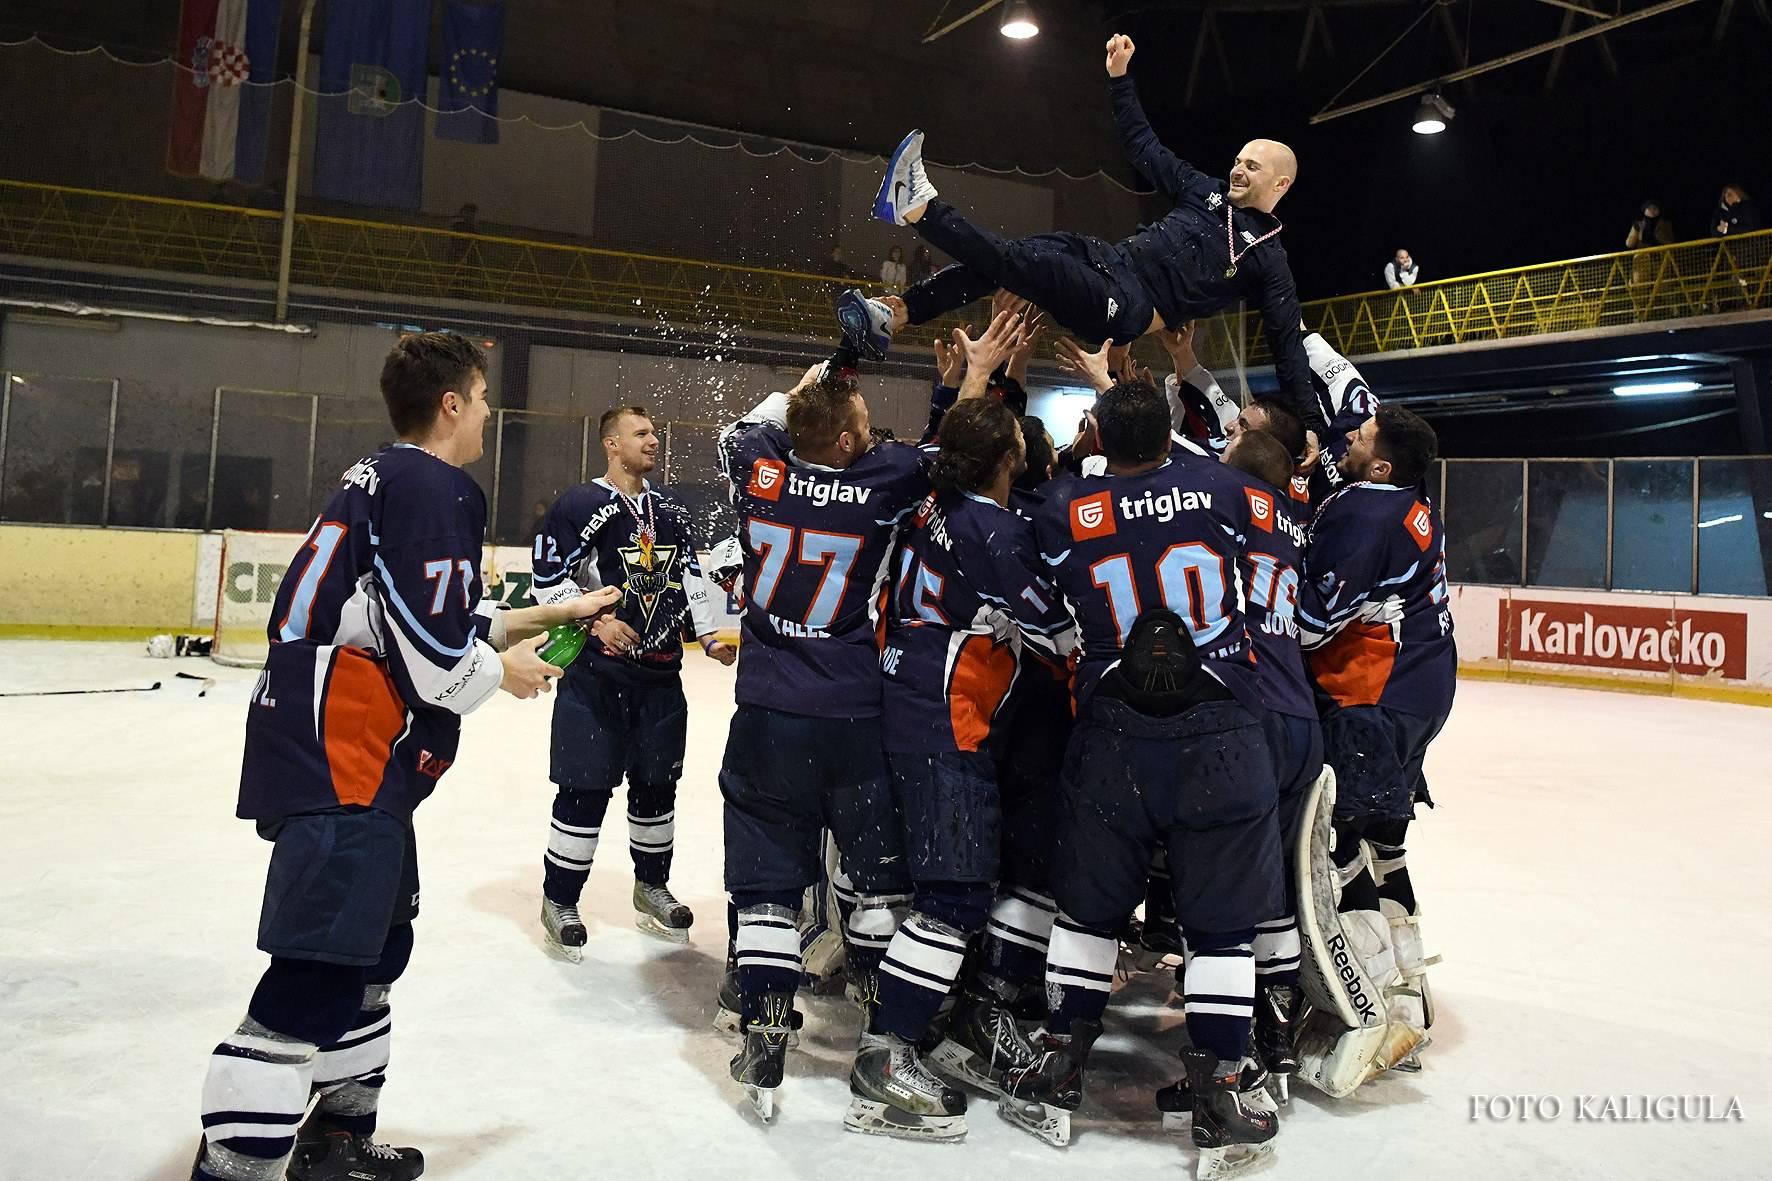 Zagrebov ortoped - hokejaš osvojio je naslov i davne 1996.